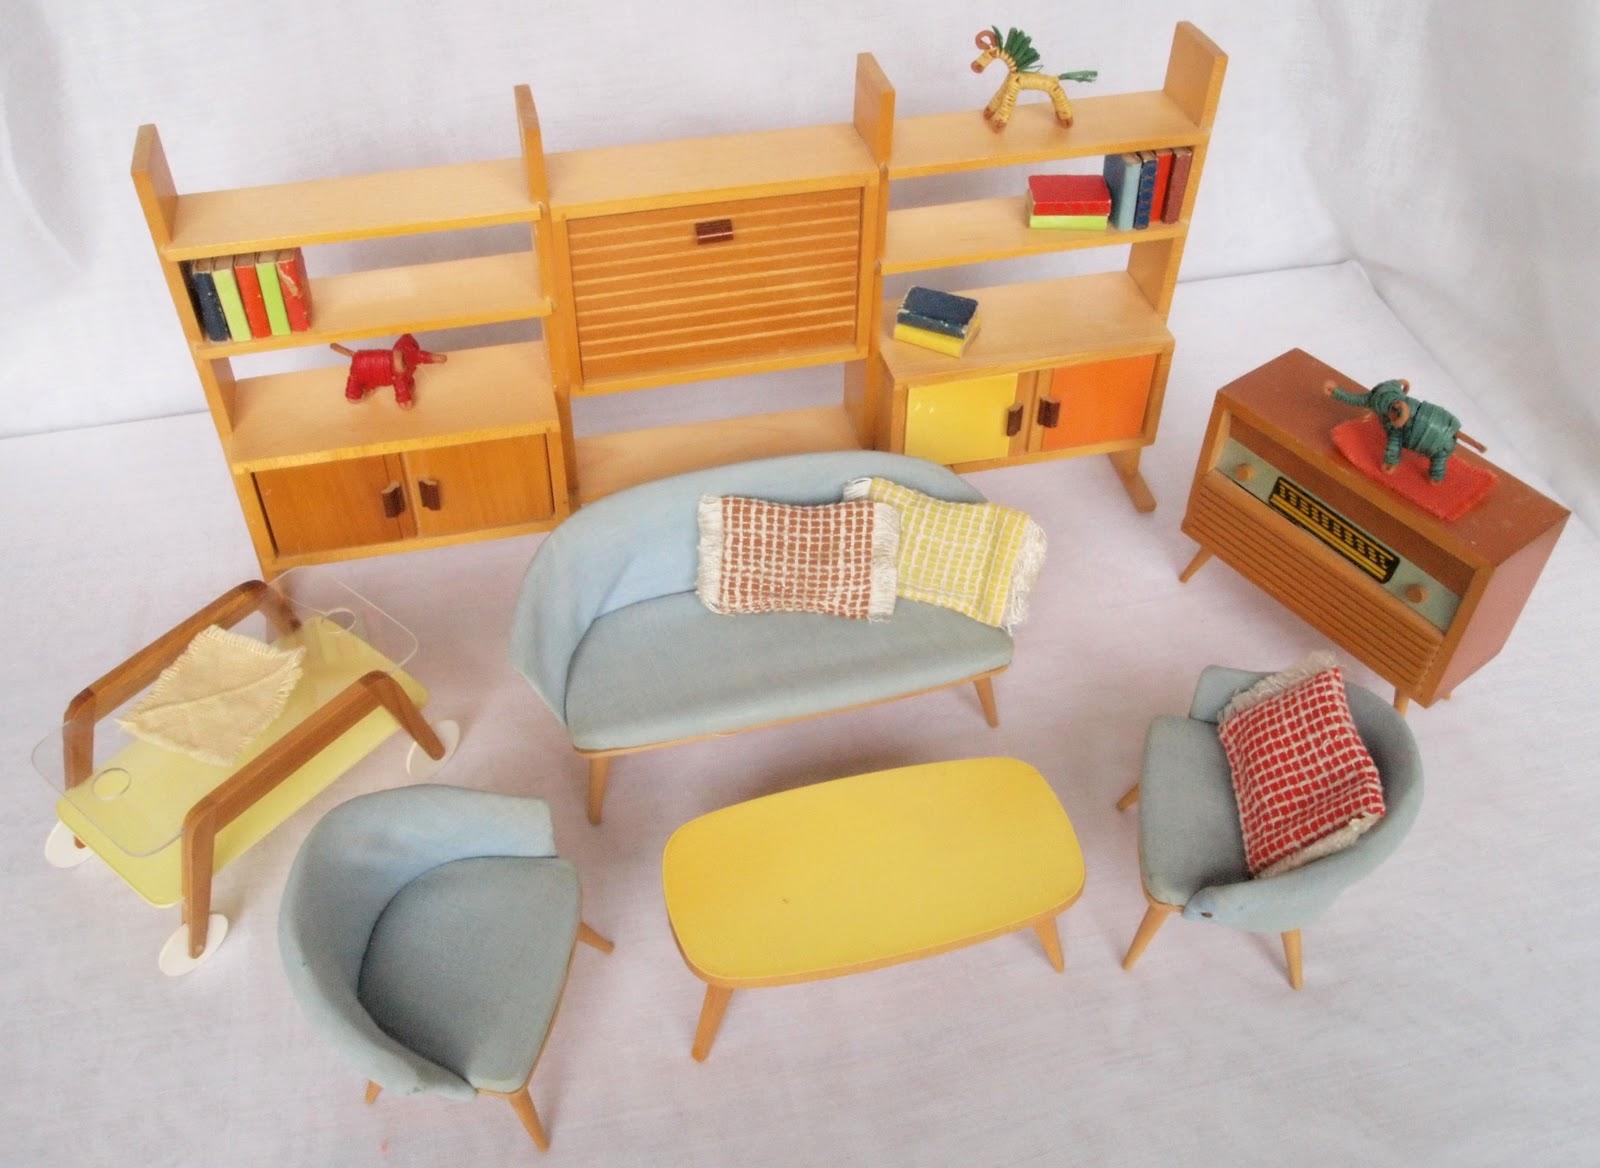 Bodo Hennig diepuppenstubensammlerin 1950er wohnzimmer bodo hennig 50s